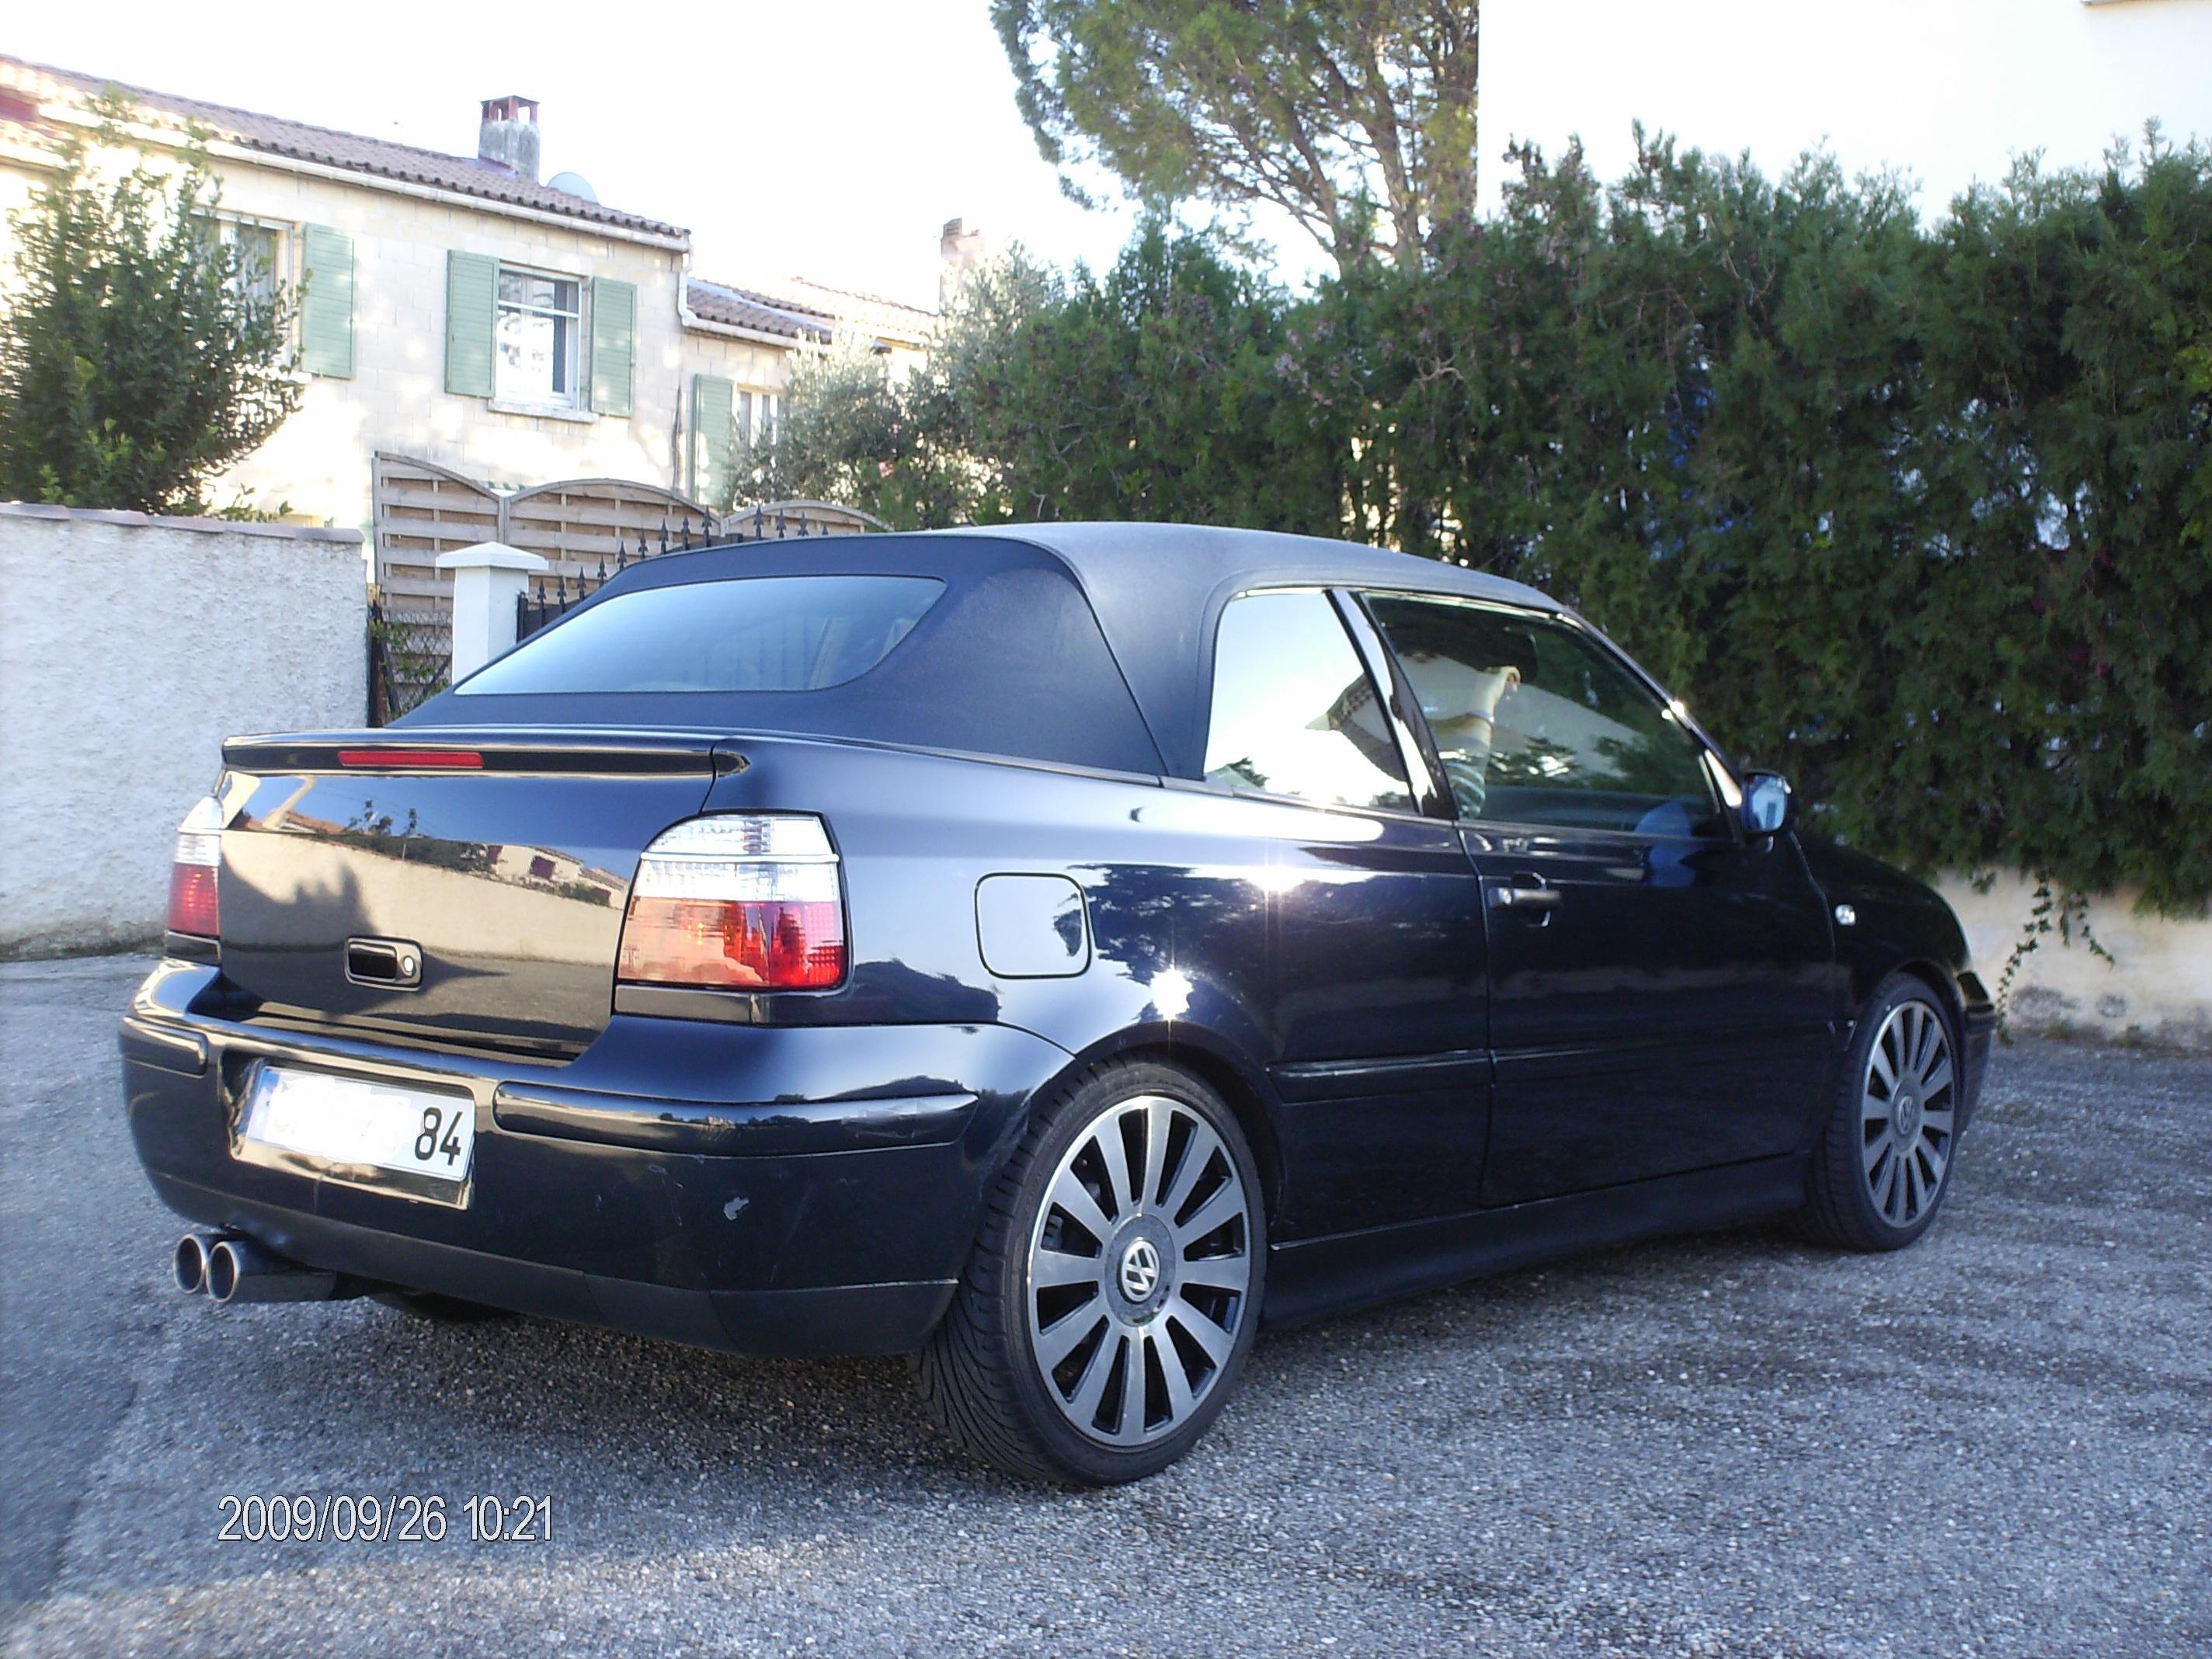 golf 4 cab 2 0 carat garage des golf iv 2 0 2 3 v5 v6 r32 forum volkswagen golf iv. Black Bedroom Furniture Sets. Home Design Ideas